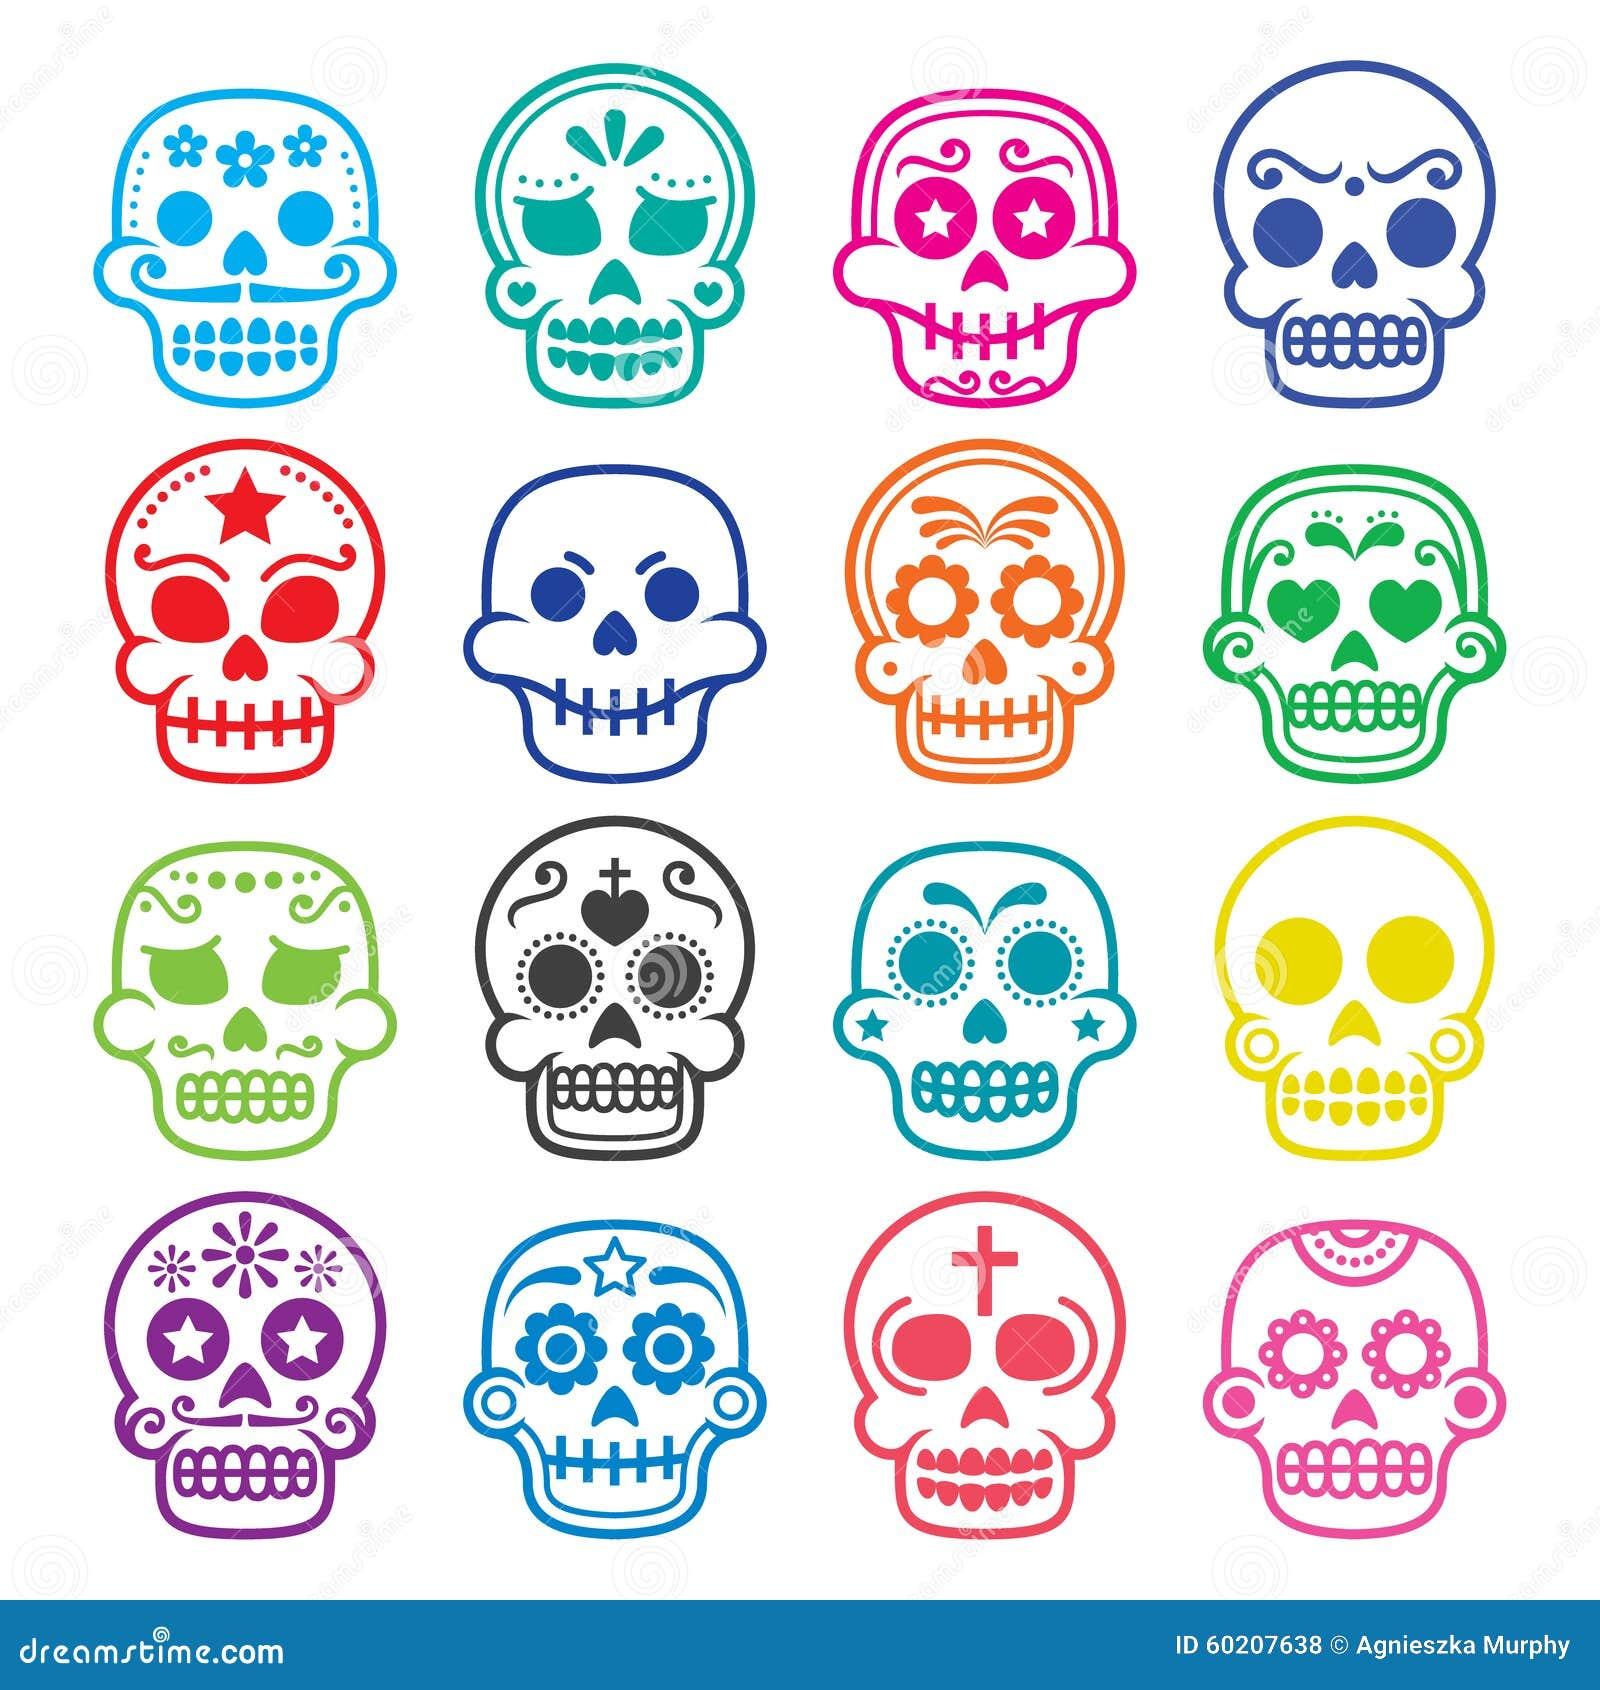 halloween  mexican sugar skull  dia de los muertos snowflakes vector art snowflakes vector free